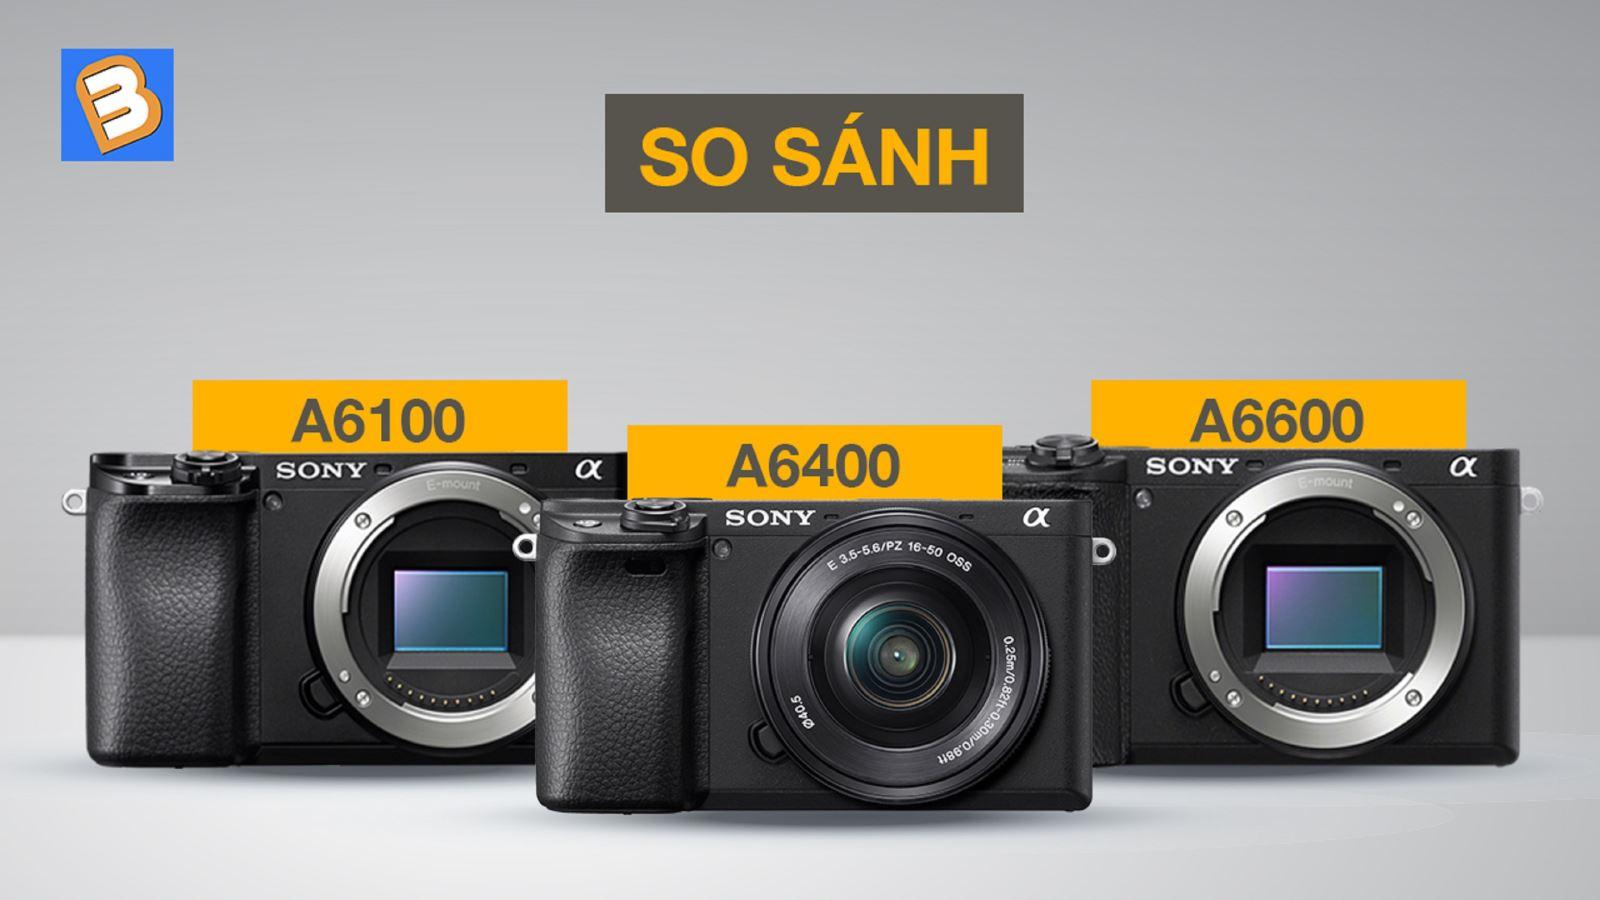 So sánh A6100, A6400 và A6600